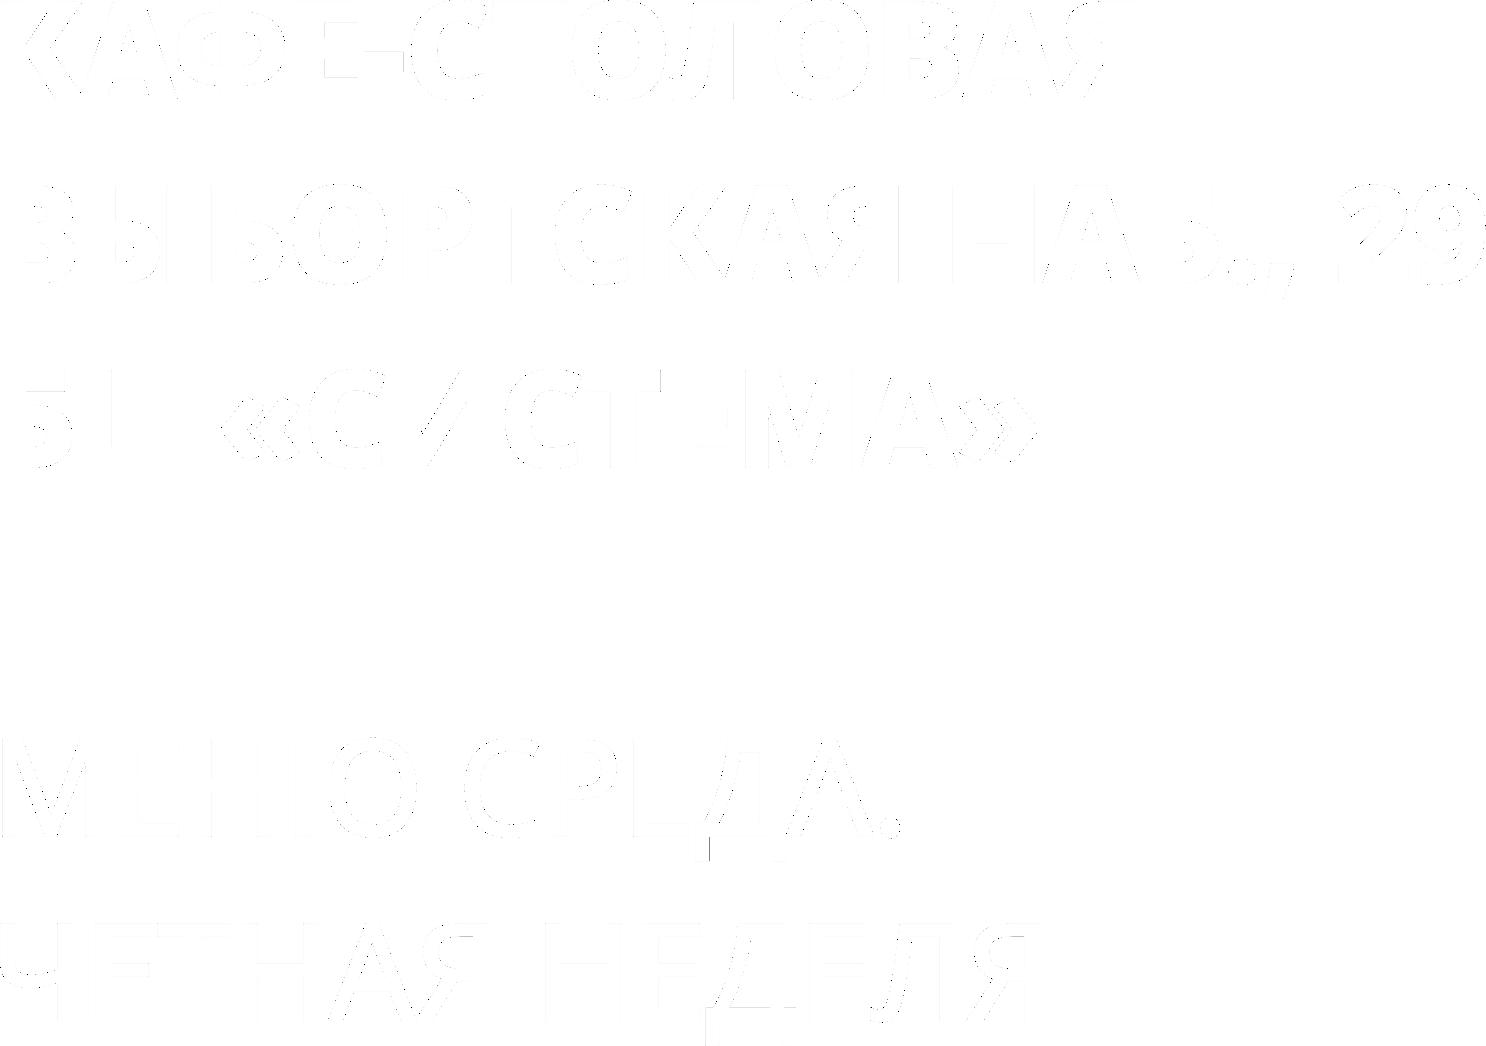 """КАФЕ-СТОЛОВАЯ БЦ """"СИСТЕМА"""" Выборгская наб., 29 МЕНЮ СРЕДА. ЧЕТНАЯ НЕДЕЛЯ"""